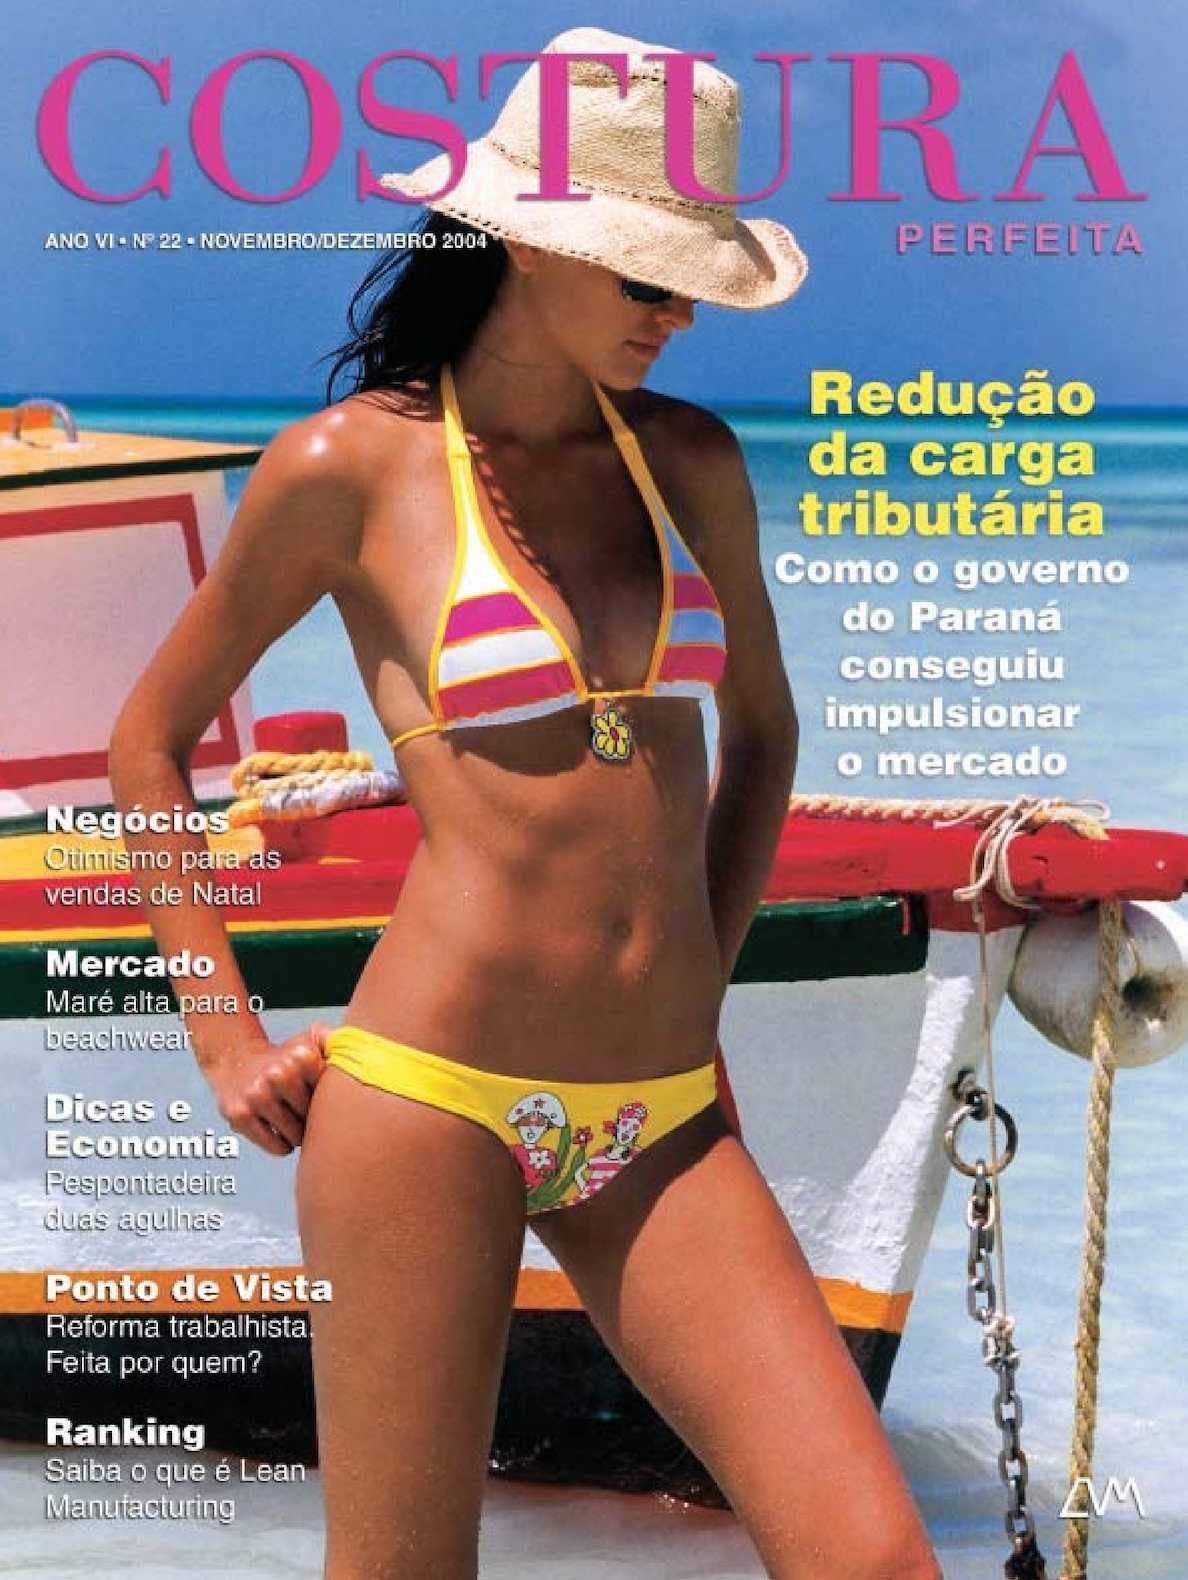 Calaméo - Revista Costura Perfeita Edição Ano Vi N22 Novembro Dezembro 2004 b2cb605df6d